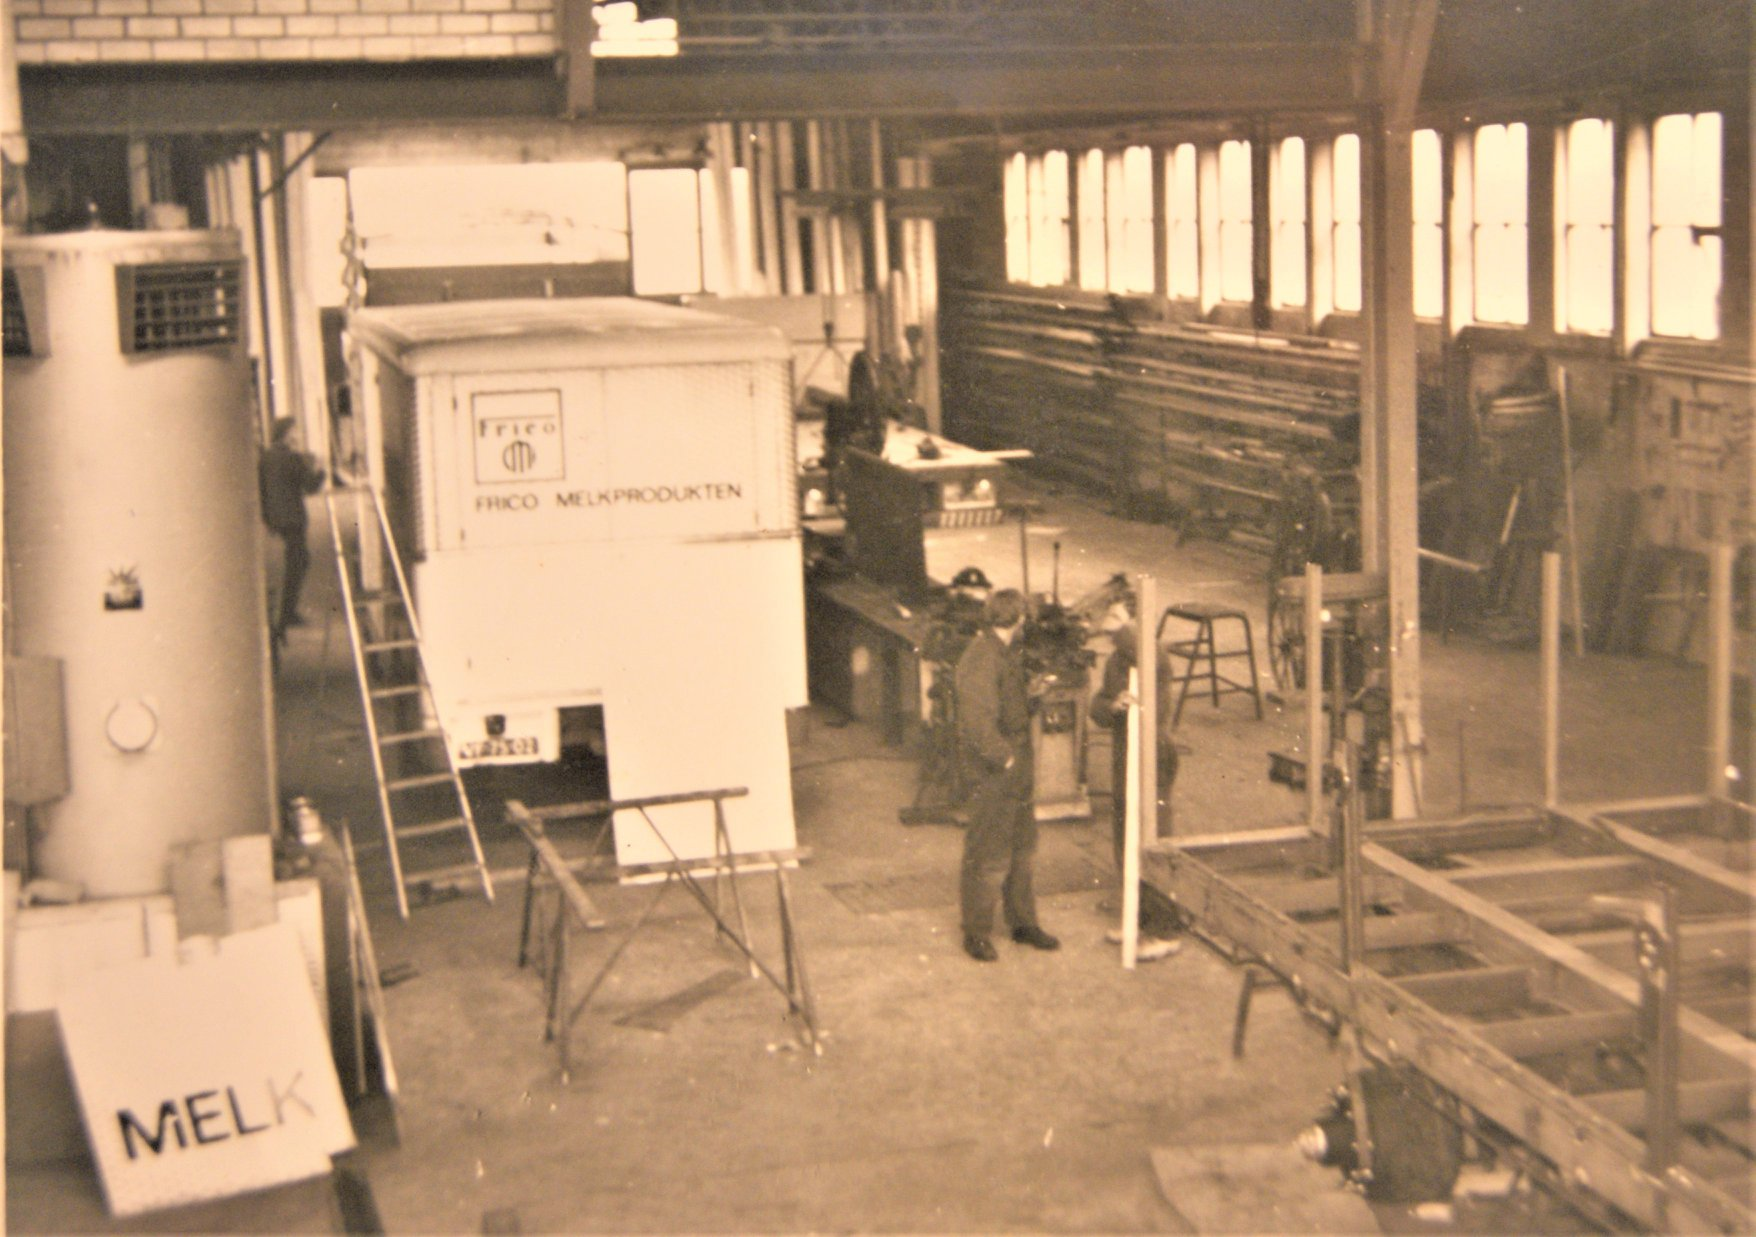 werkplaats-van-Rondaan-in-Beetgum-in-de-jaren-60-70-1